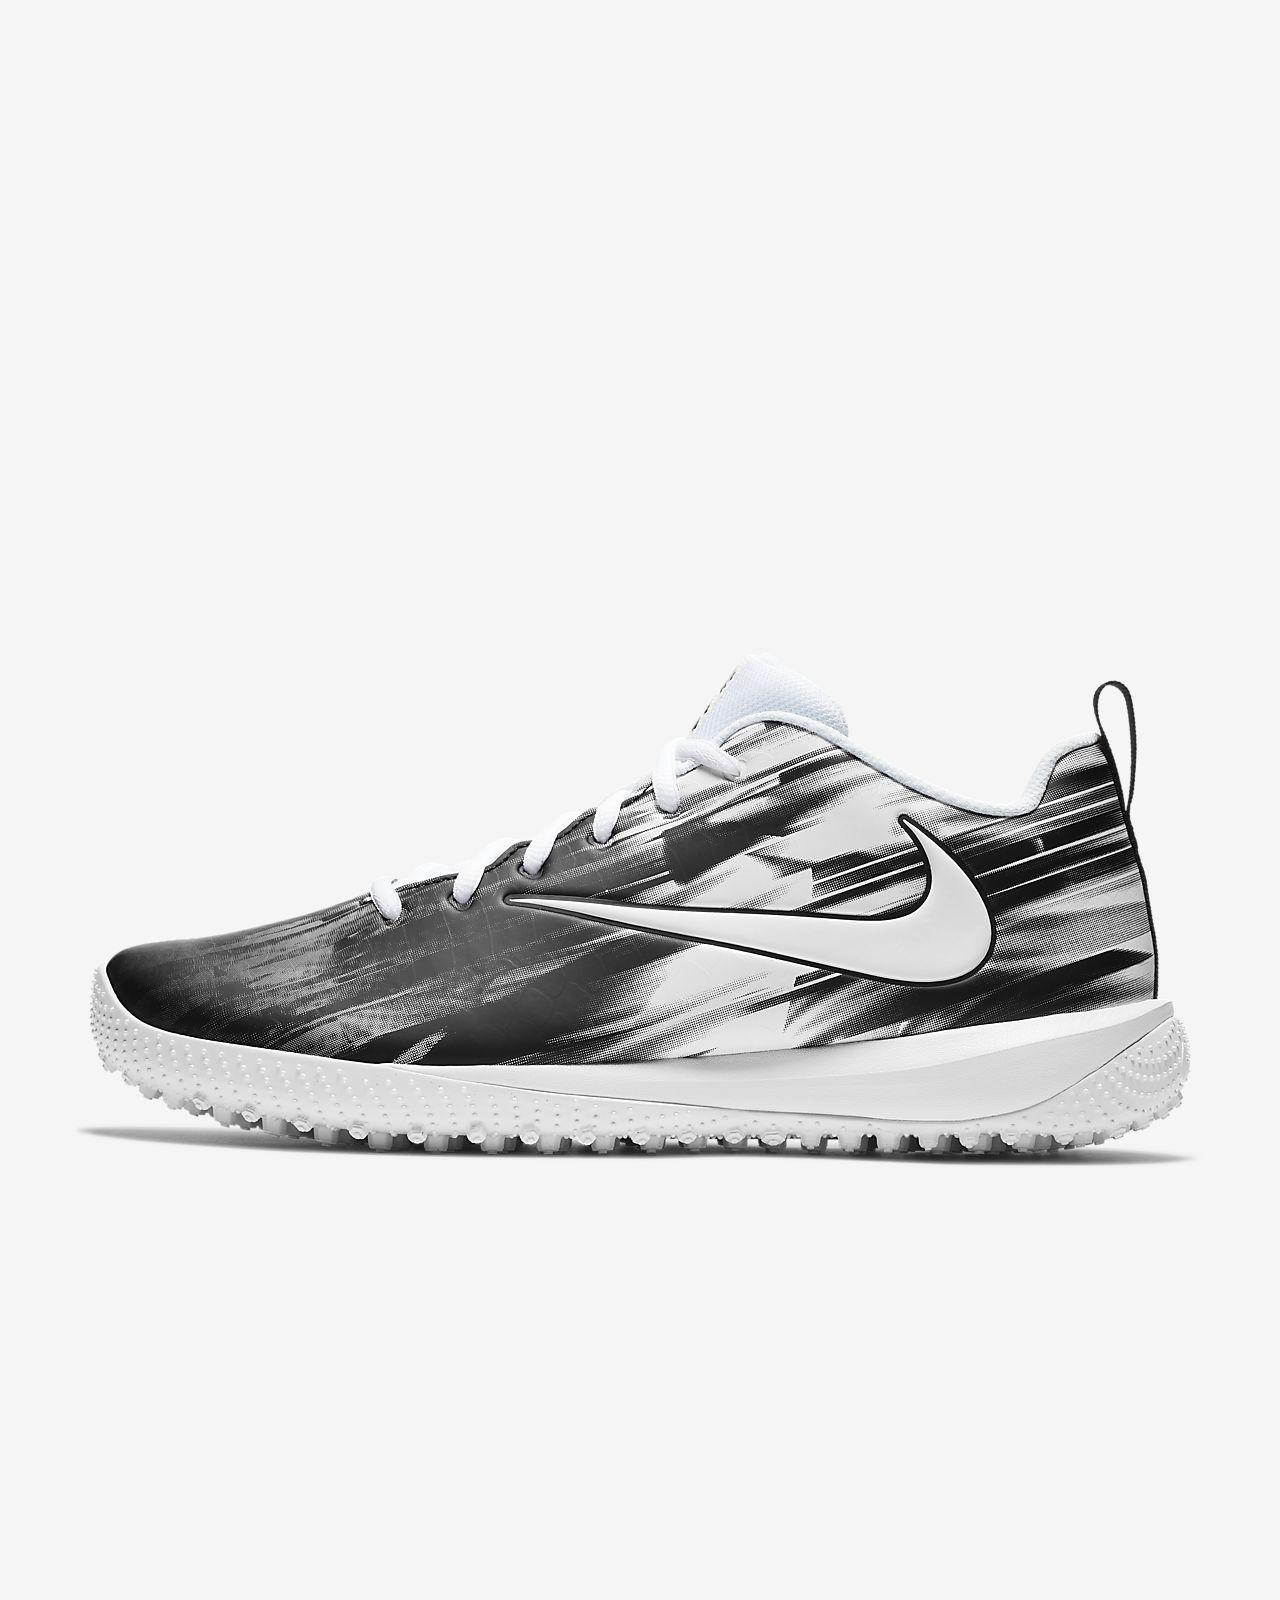 Nike Vapor Varsity Low Turf LAX Lacrosse Shoe